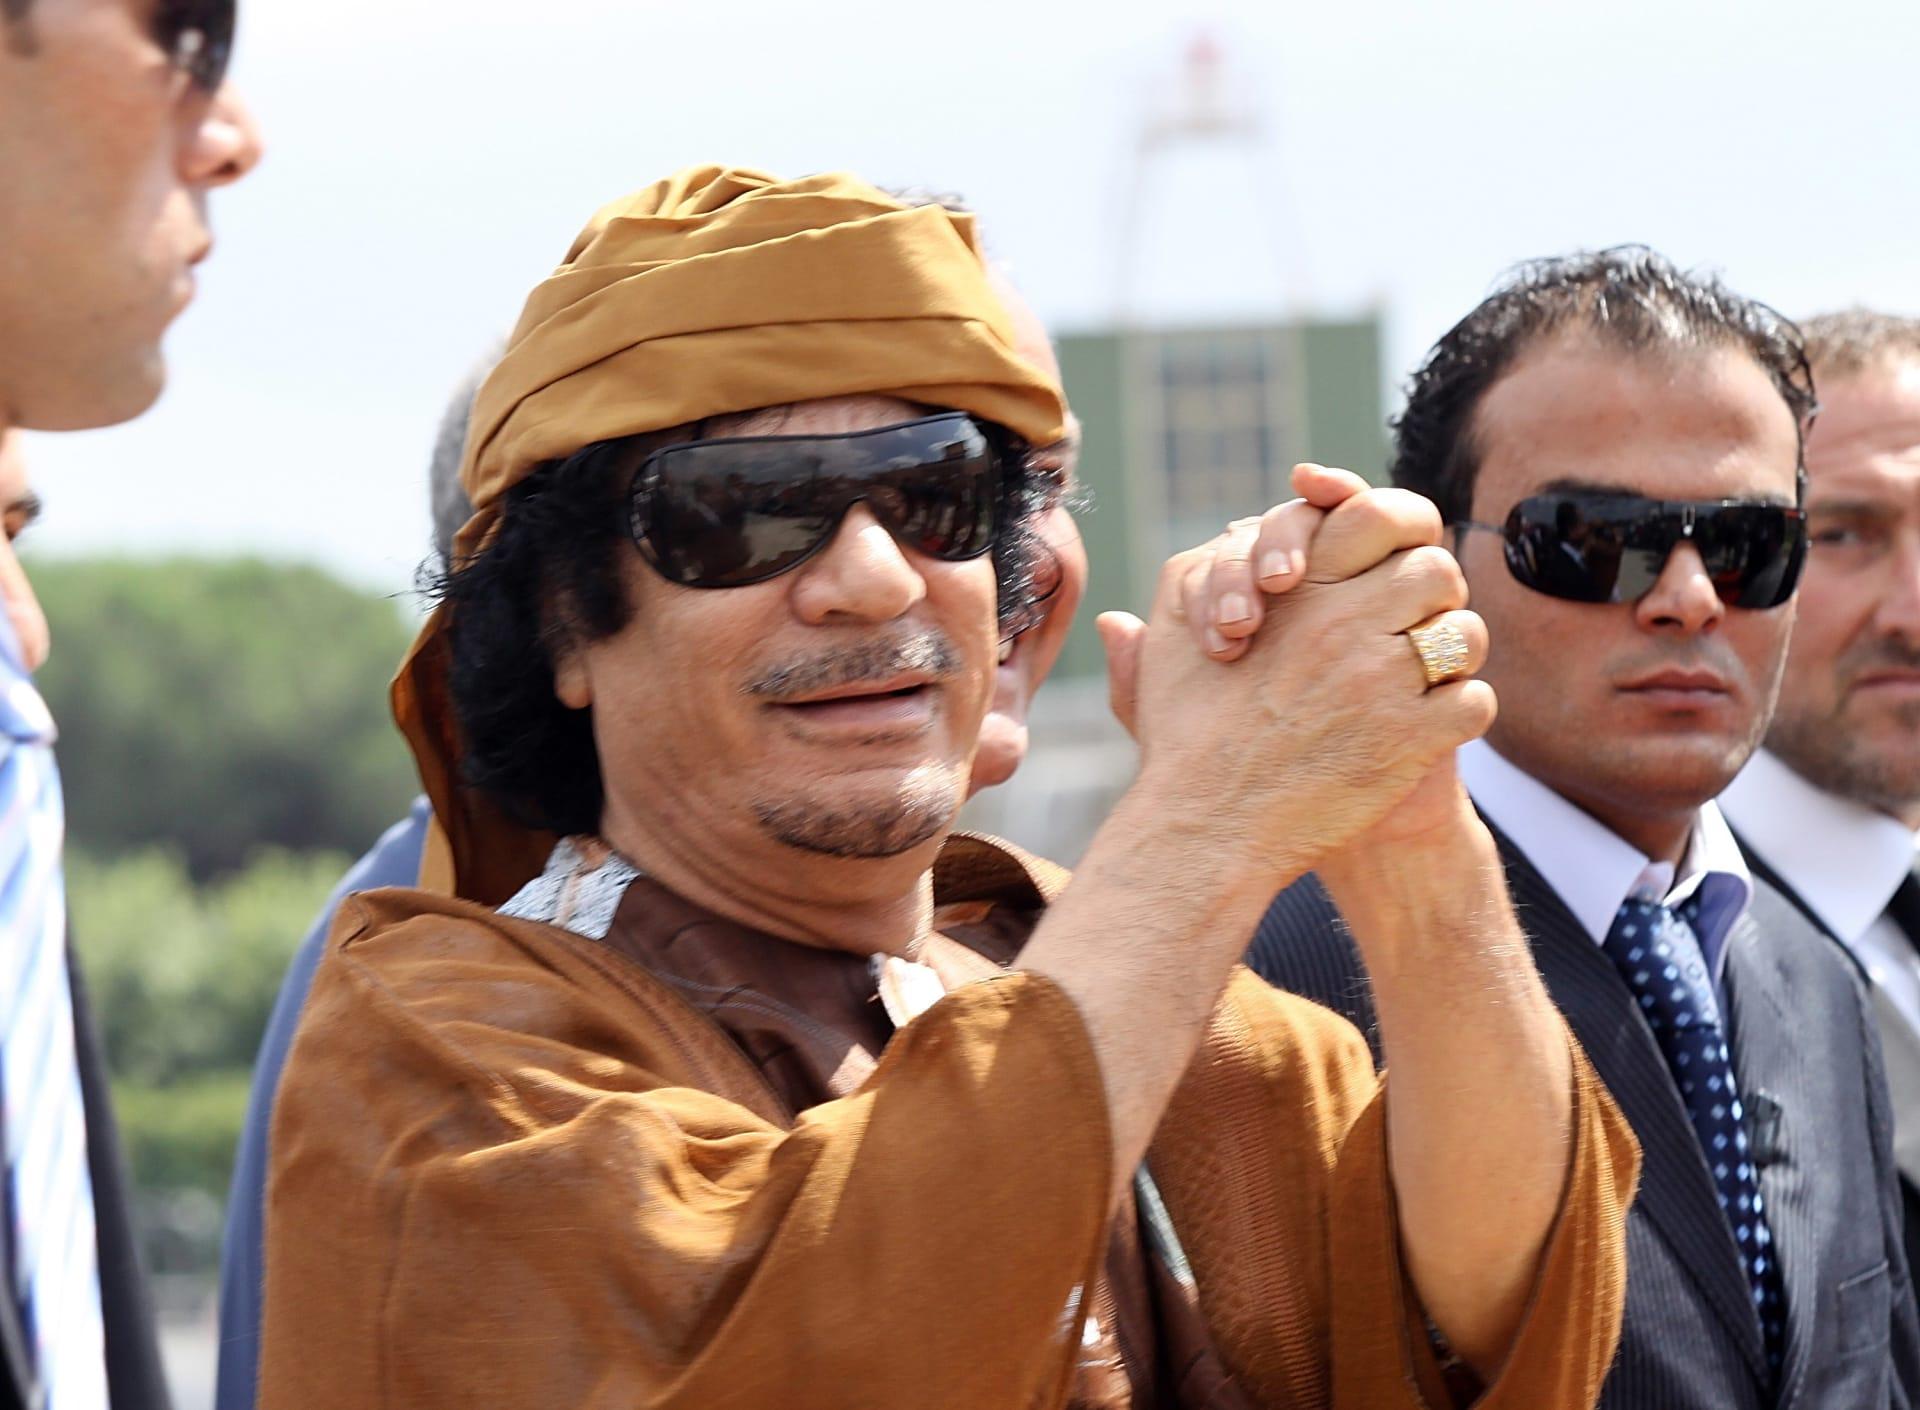 صحف العالم: غرف سرية استعبد فيها القذافي فتيات جنسيا